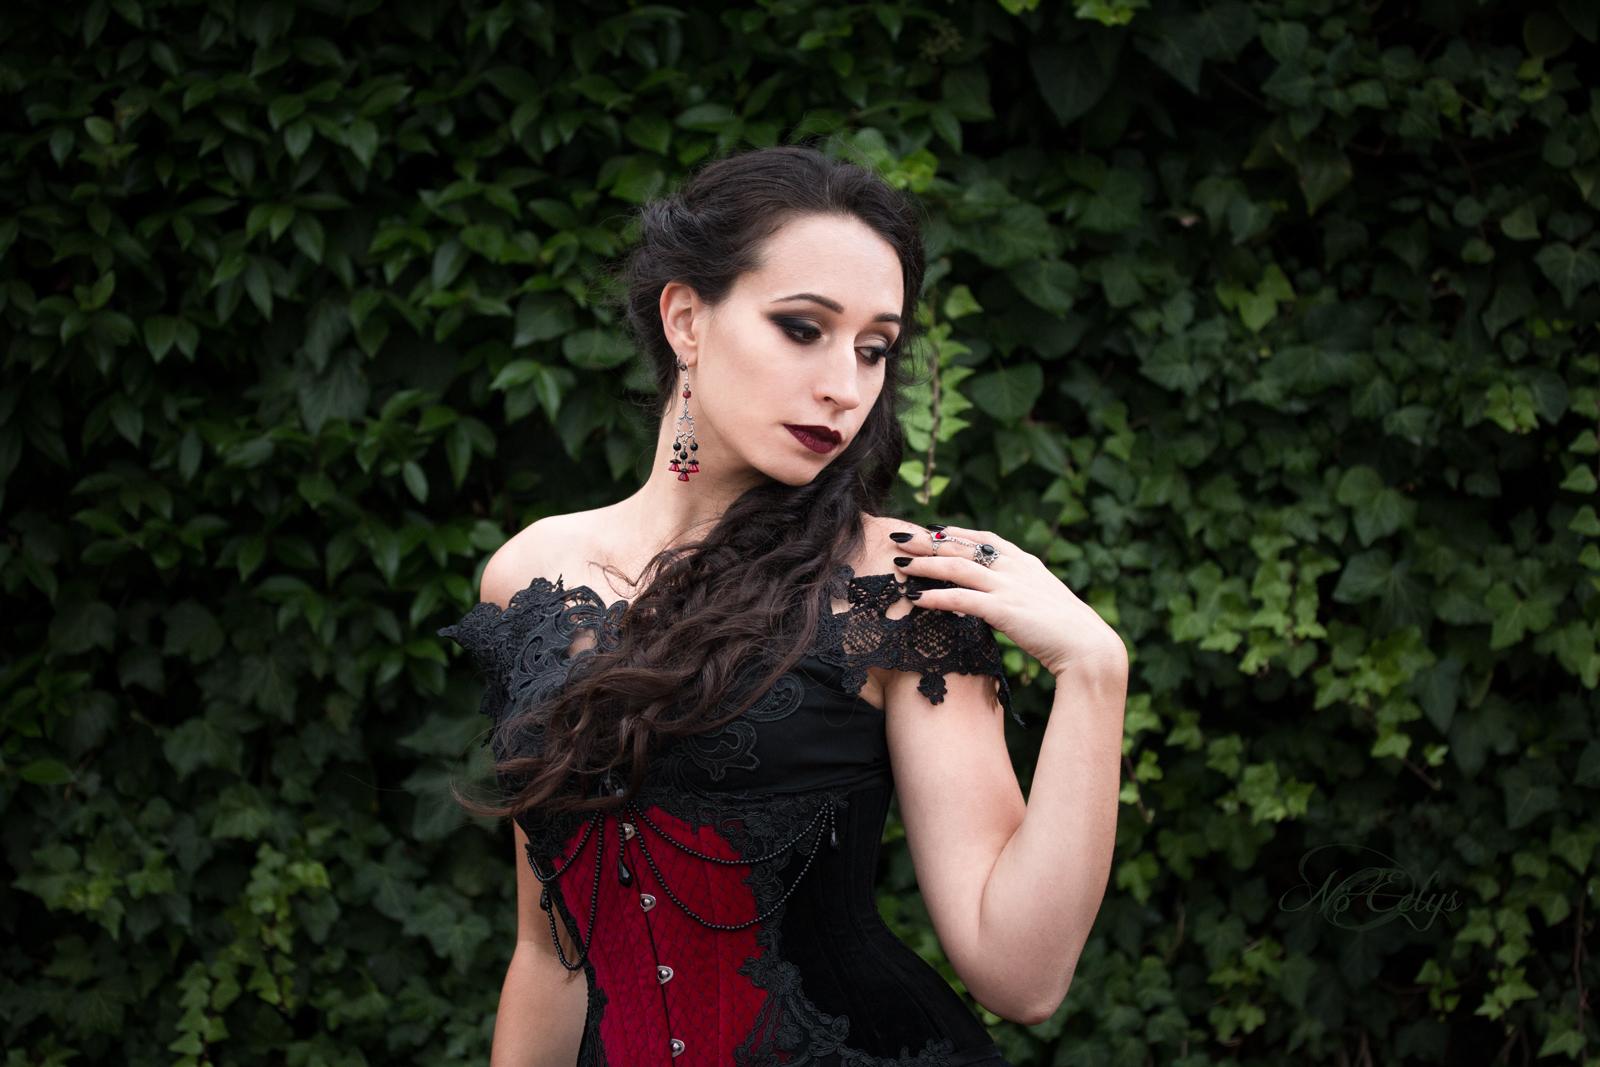 Galadriel Modèle, modèle gothique romantique Paris, par Nö Eelys, photographe portrait alternatif ; maquillage par Le Boudoir de Nö et coiffure par Findele's Secrets